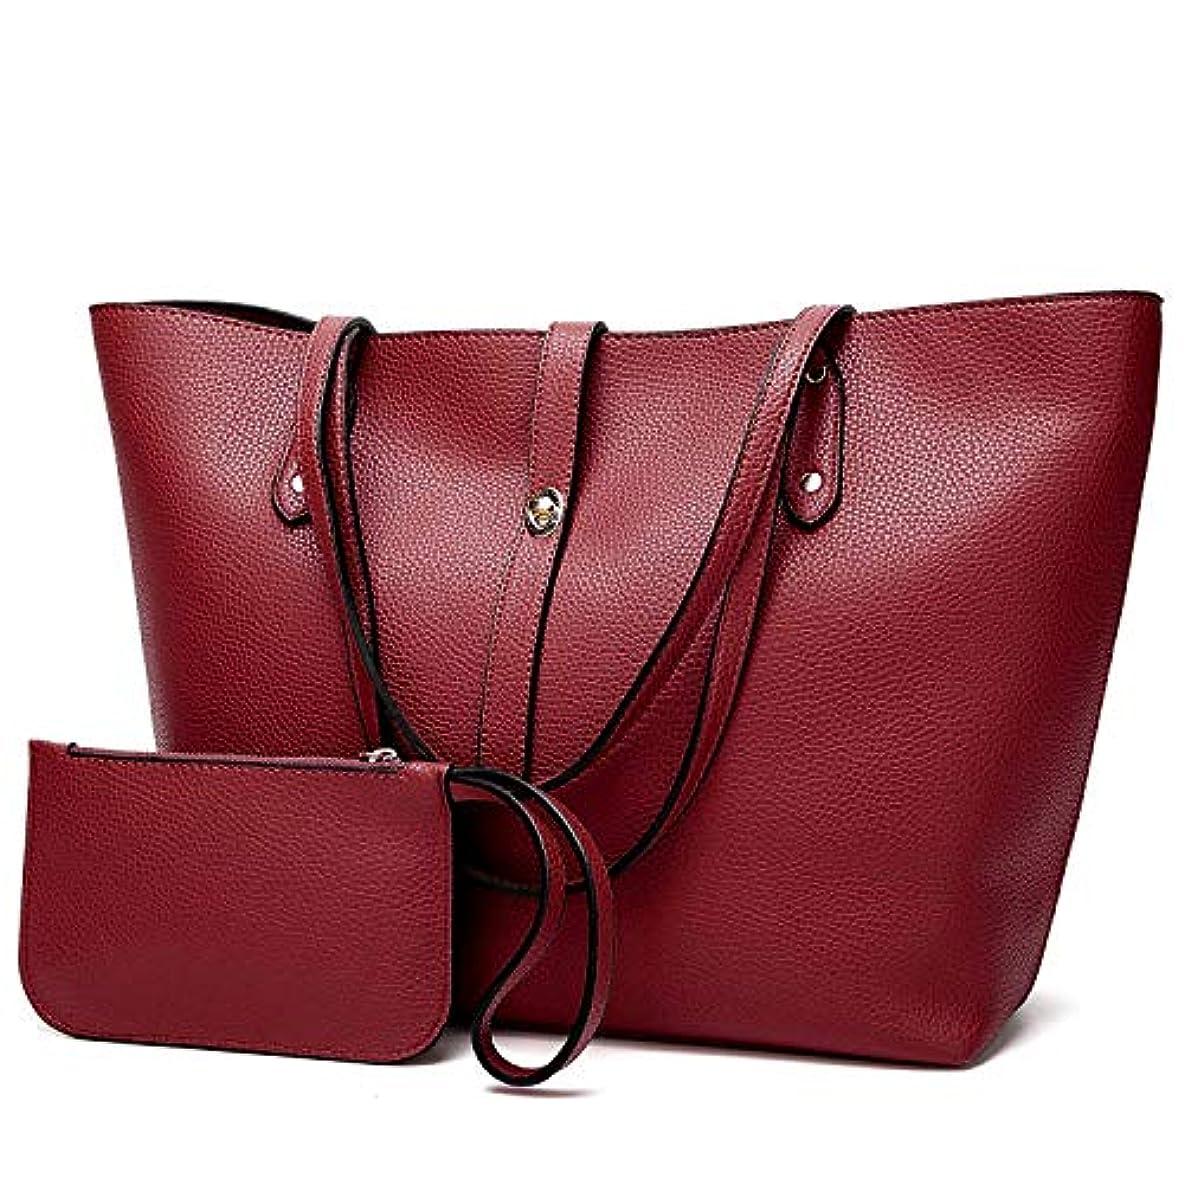 課税殺す祖先[TcIFE] ハンドバッグ レディース トートバッグ 大容量 無地 ショルダーバッグ 2way 財布とハンドバッグ